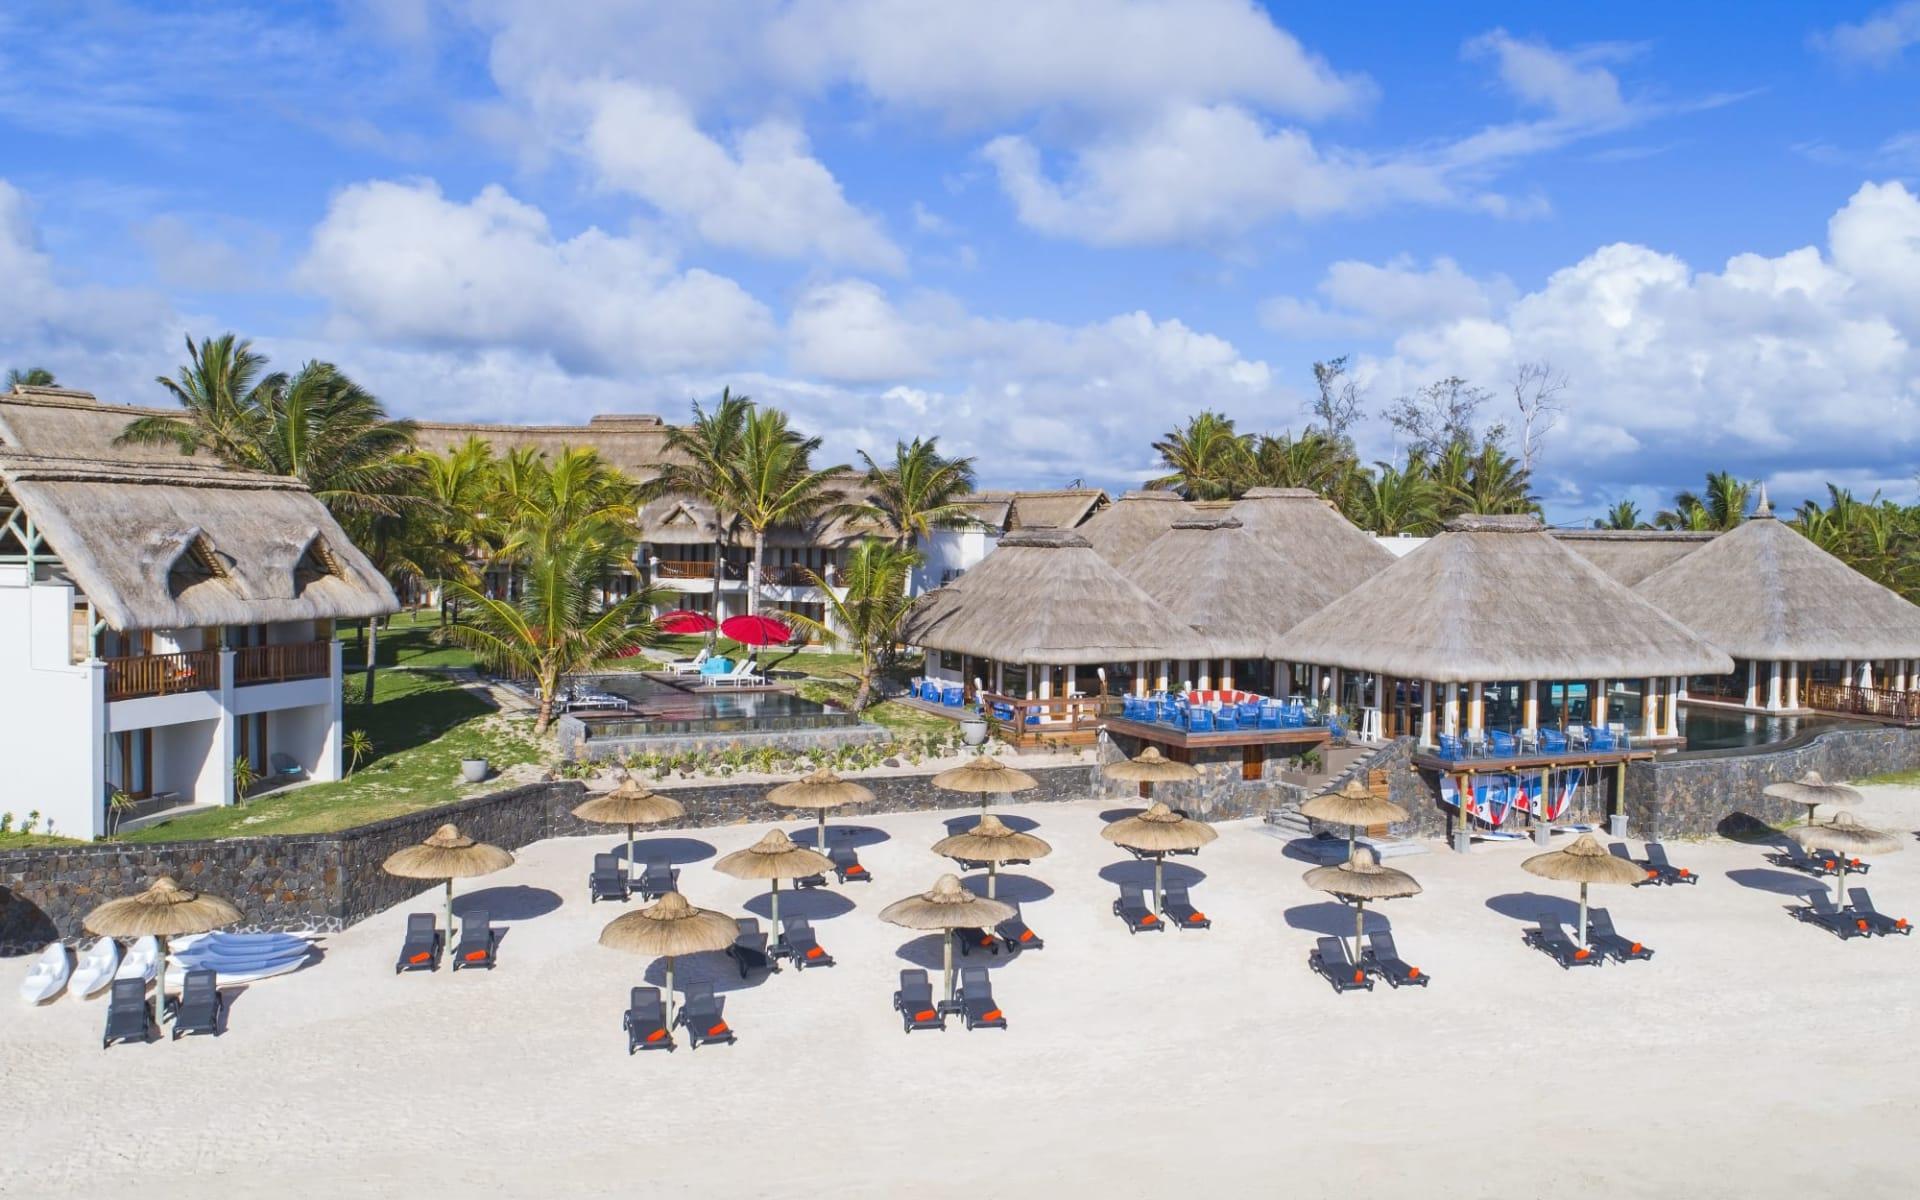 C Mauritius in Palmar: